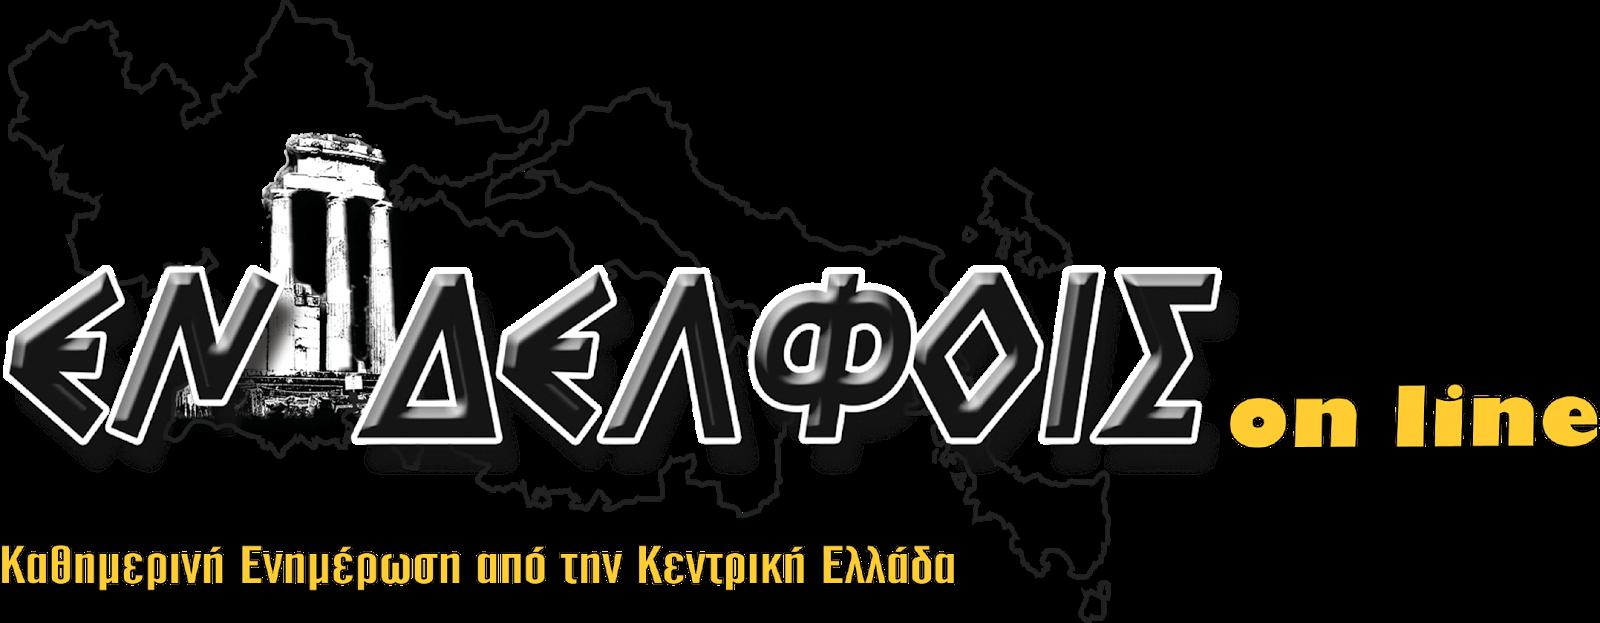 ΕΝ ΔΕΛΦΟΙΣ